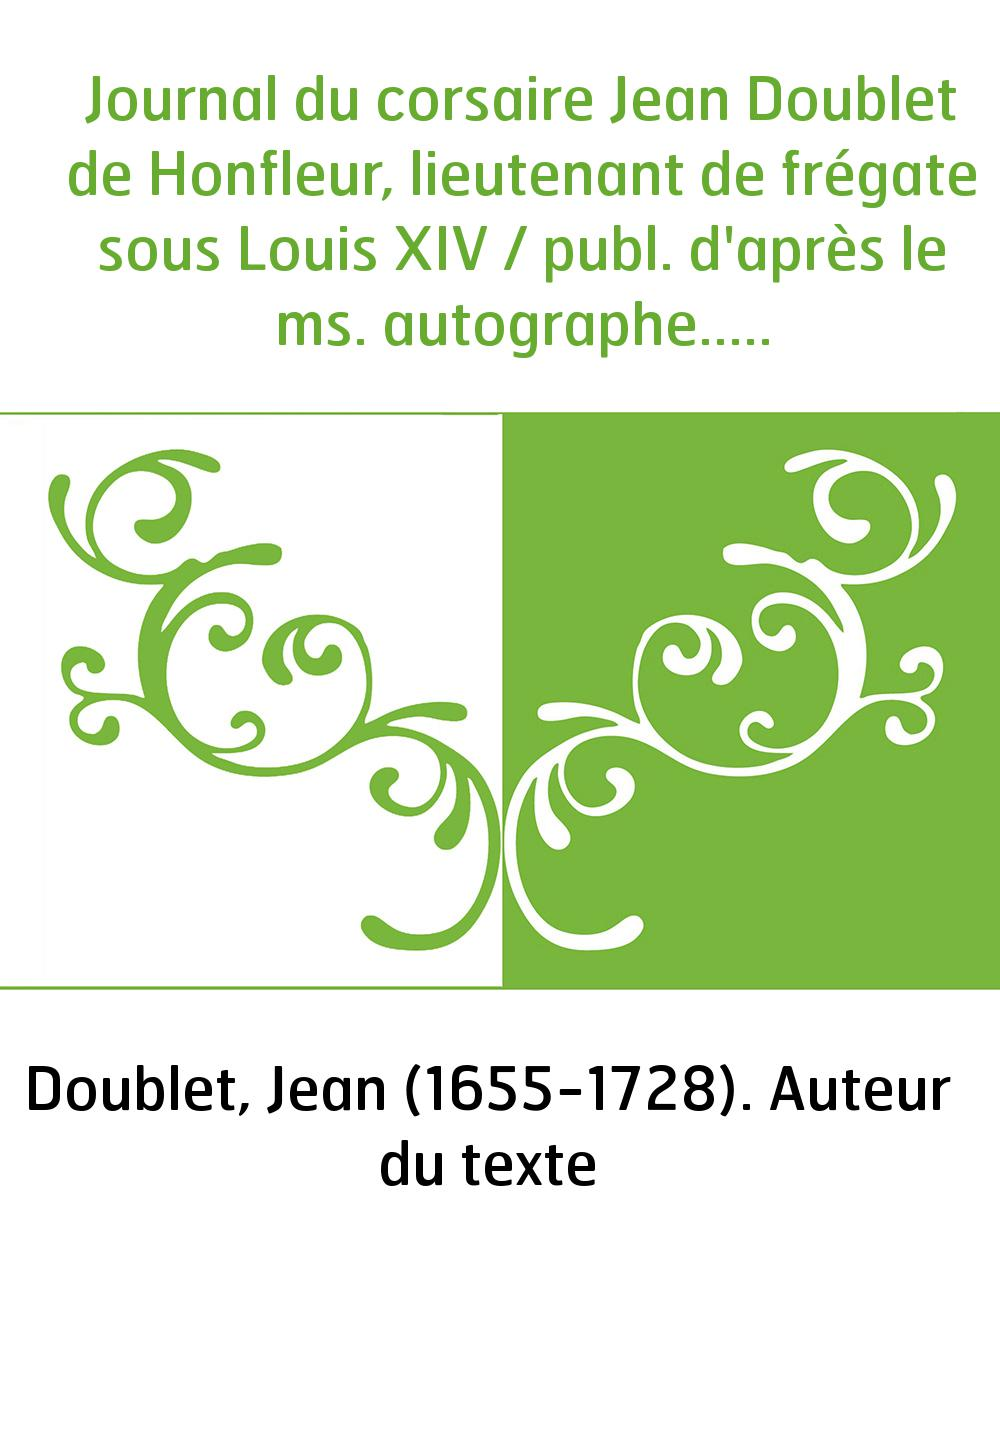 Journal du corsaire Jean Doublet de Honfleur, lieutenant de frégate sous Louis XIV / publ. d'après le ms. autographe... par Char